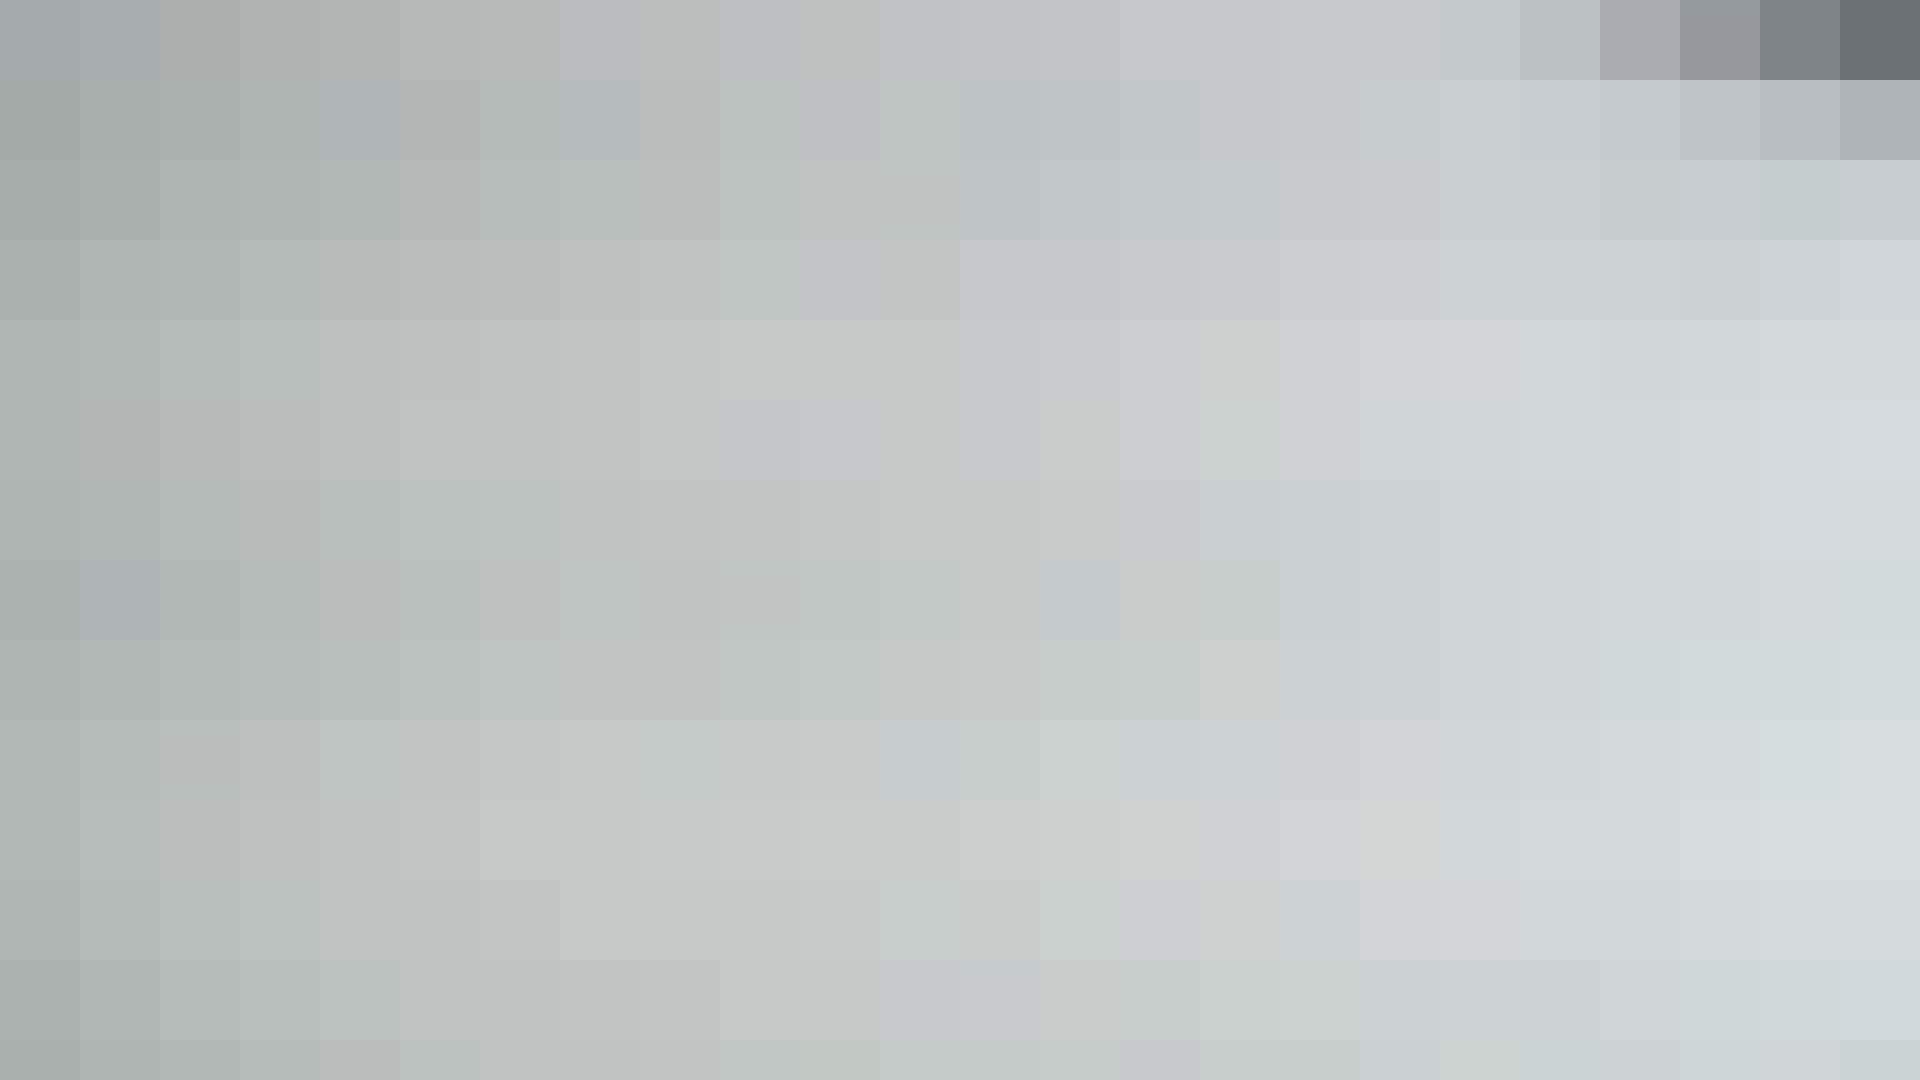 世界の射窓から vol.39 OLの実態 | 0  44pic 9